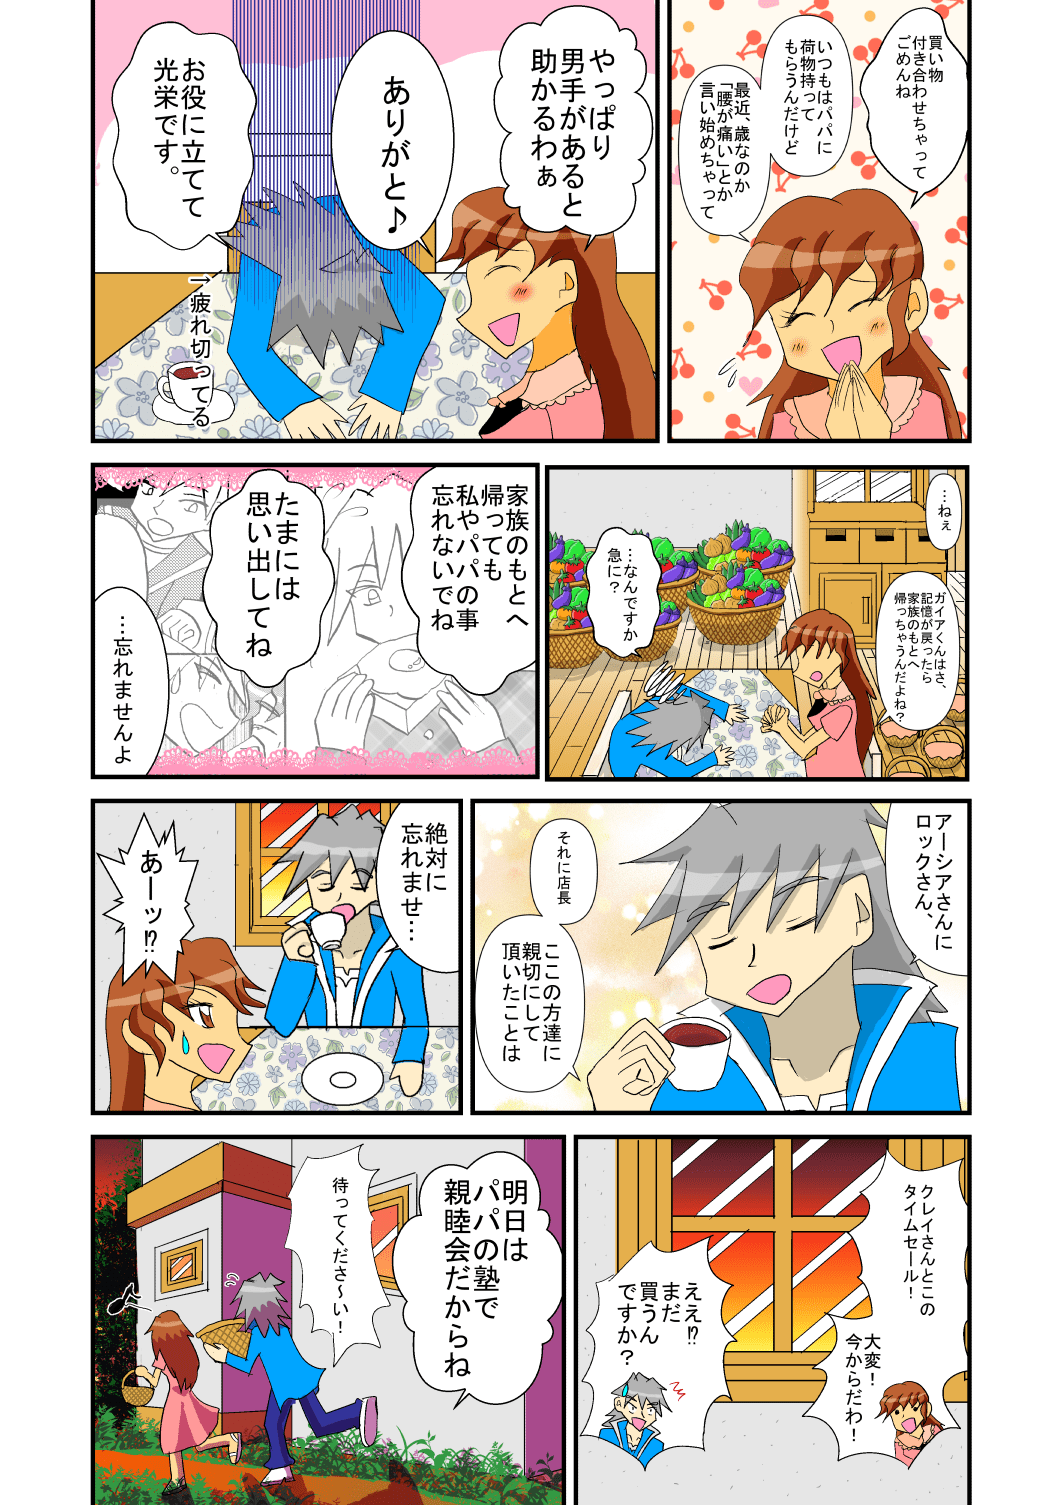 第6話オマケ漫画2